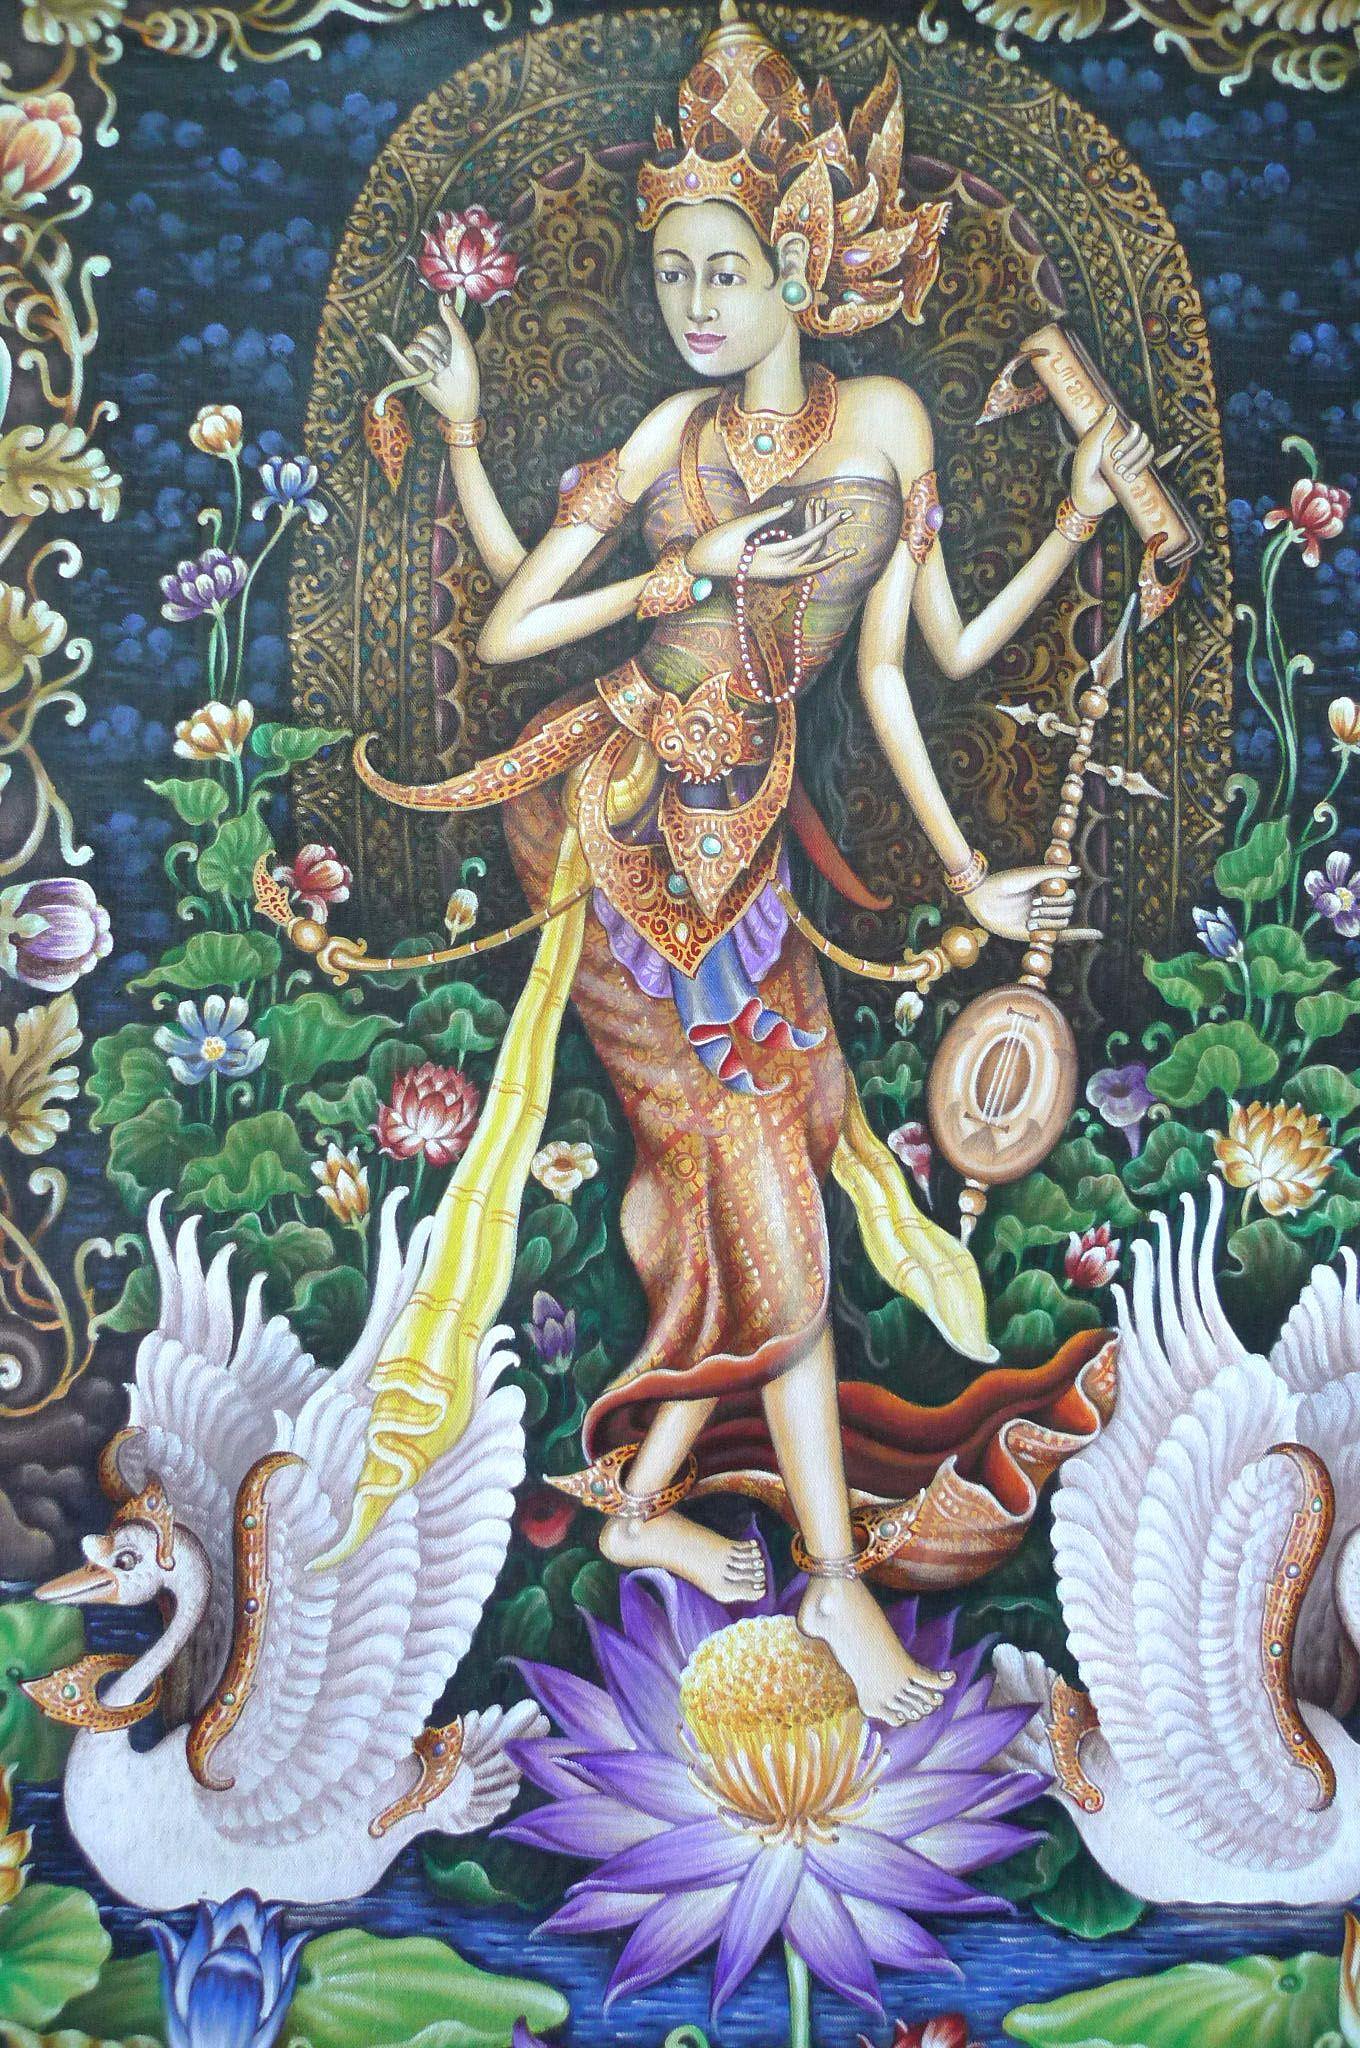 Balinese Lukisan Seni Indonesia